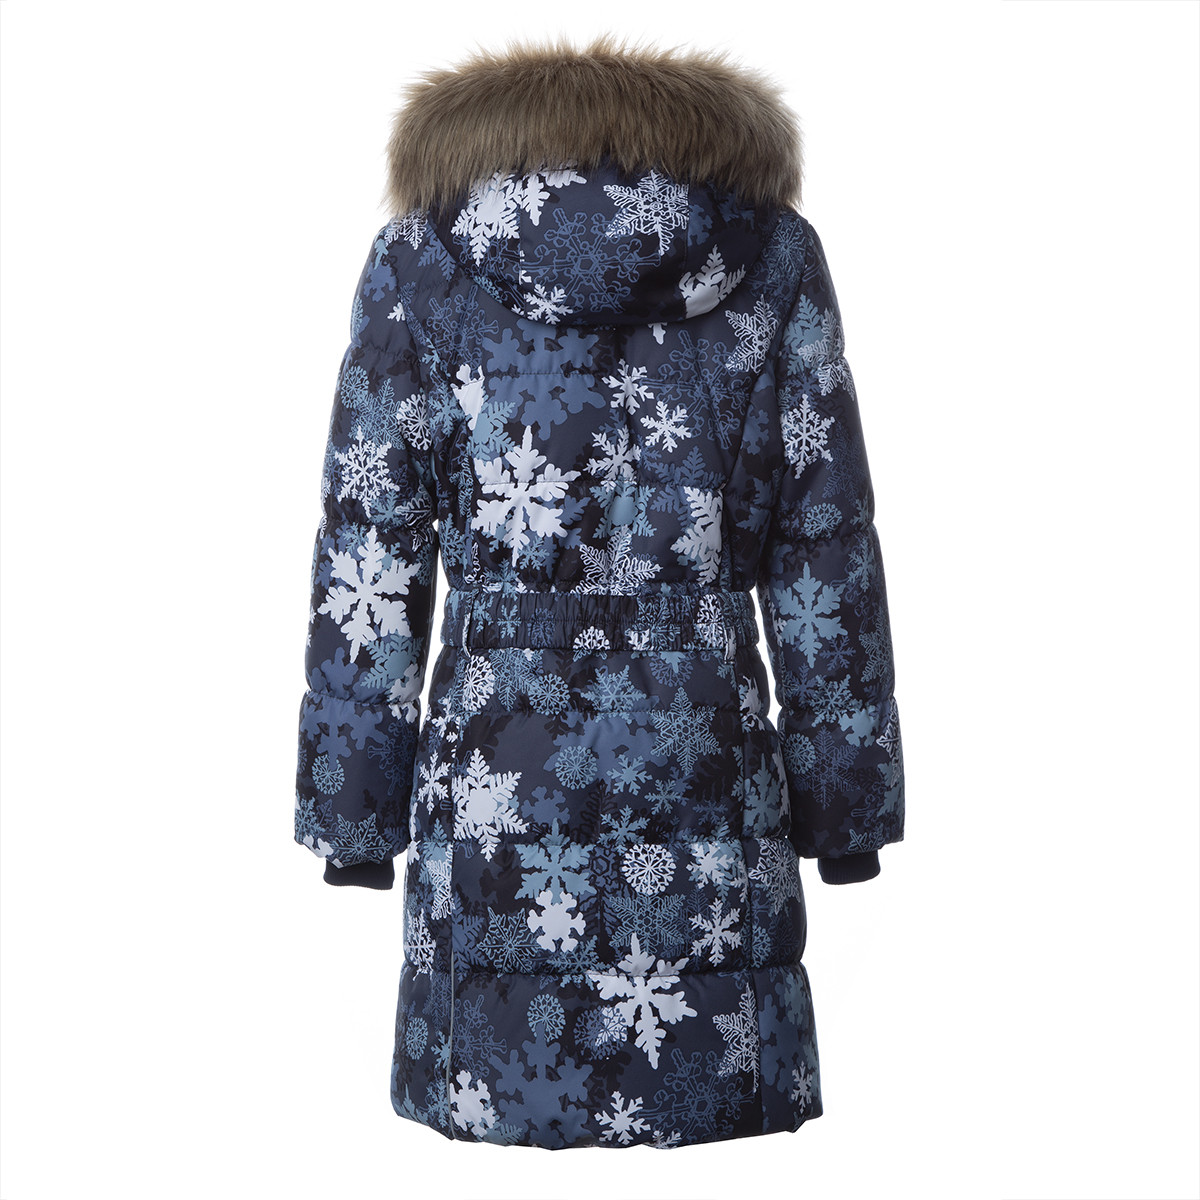 Пальто для девочек Huppa YACARANDA, тёмно-синий с принтом -116 - фото 2